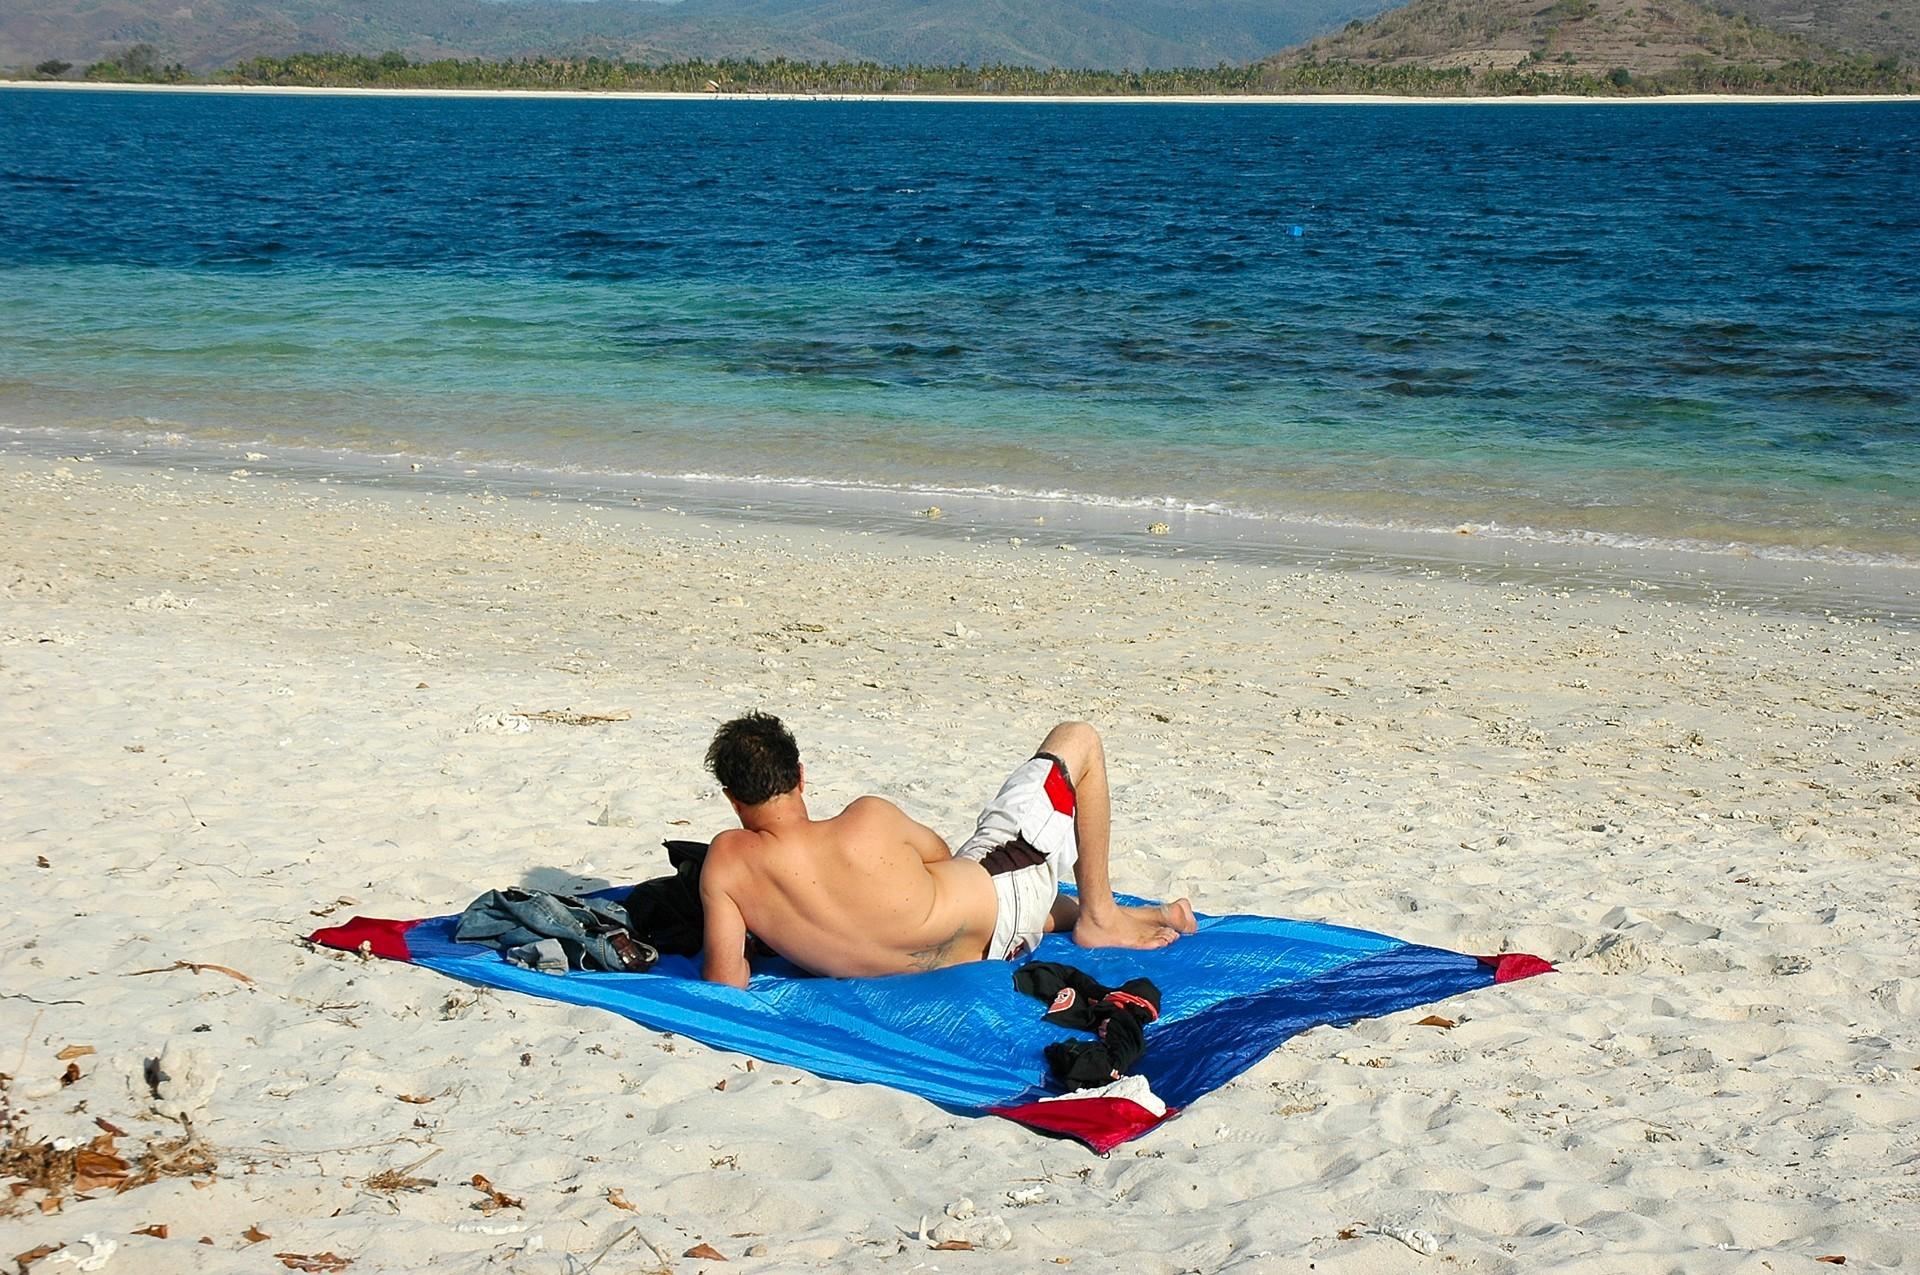 Лазурный берег. Наслаждаюсь отдыхом на пляжном покрывале.